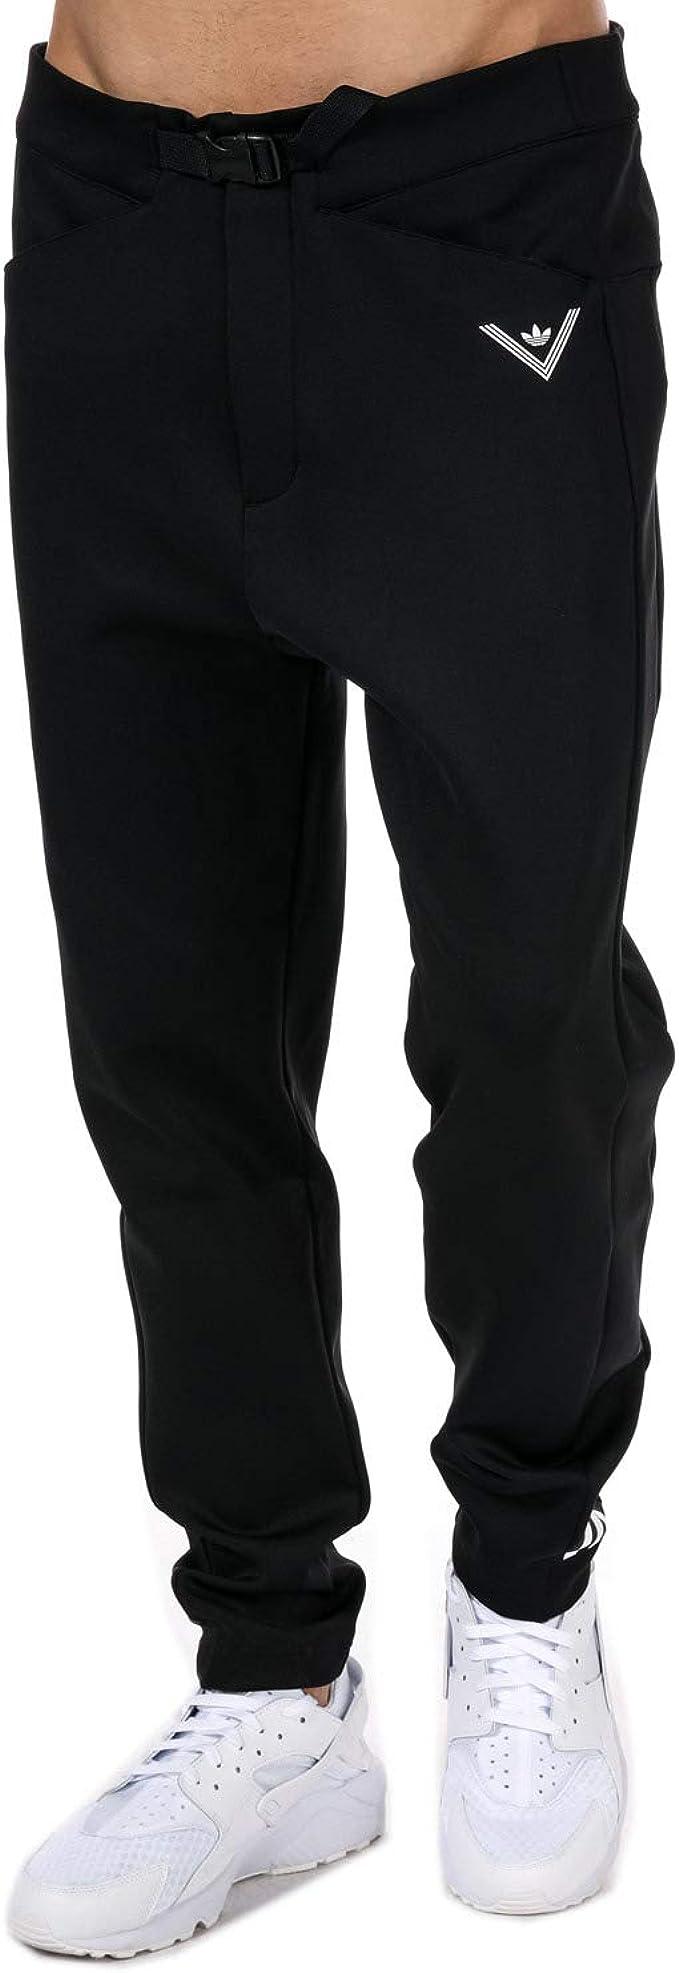 Adidas Pantalon de survêtement White Mountaineering noir